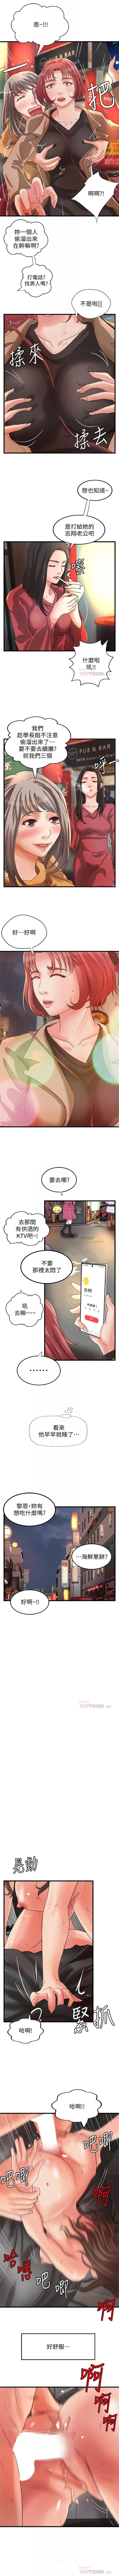 御姐的實戰教學 1-27 官方中文(連載中) 158